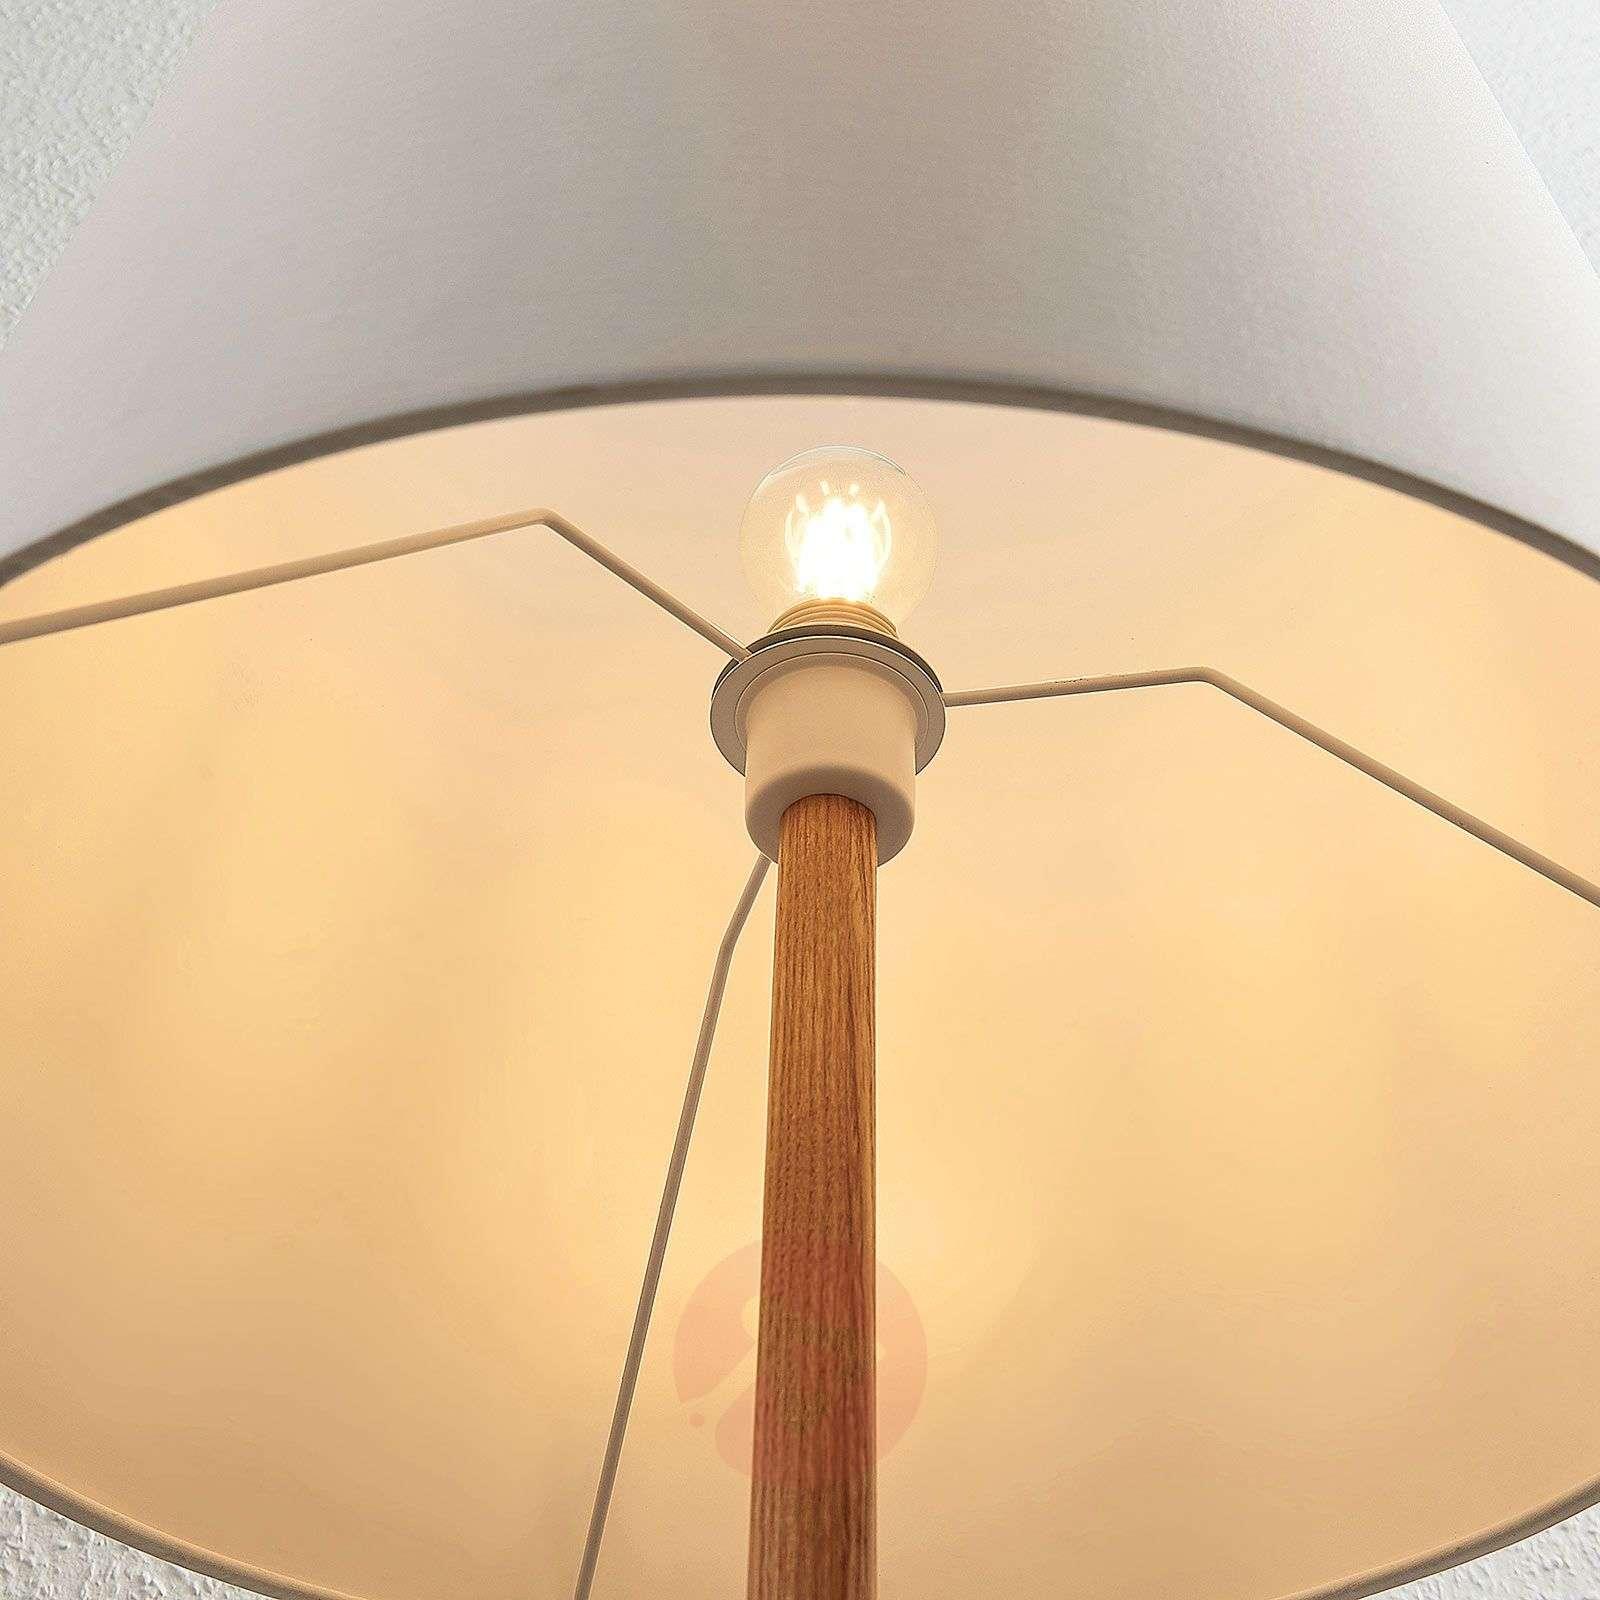 Feyra tripod fabric floor lamp, round, white-9624421-01